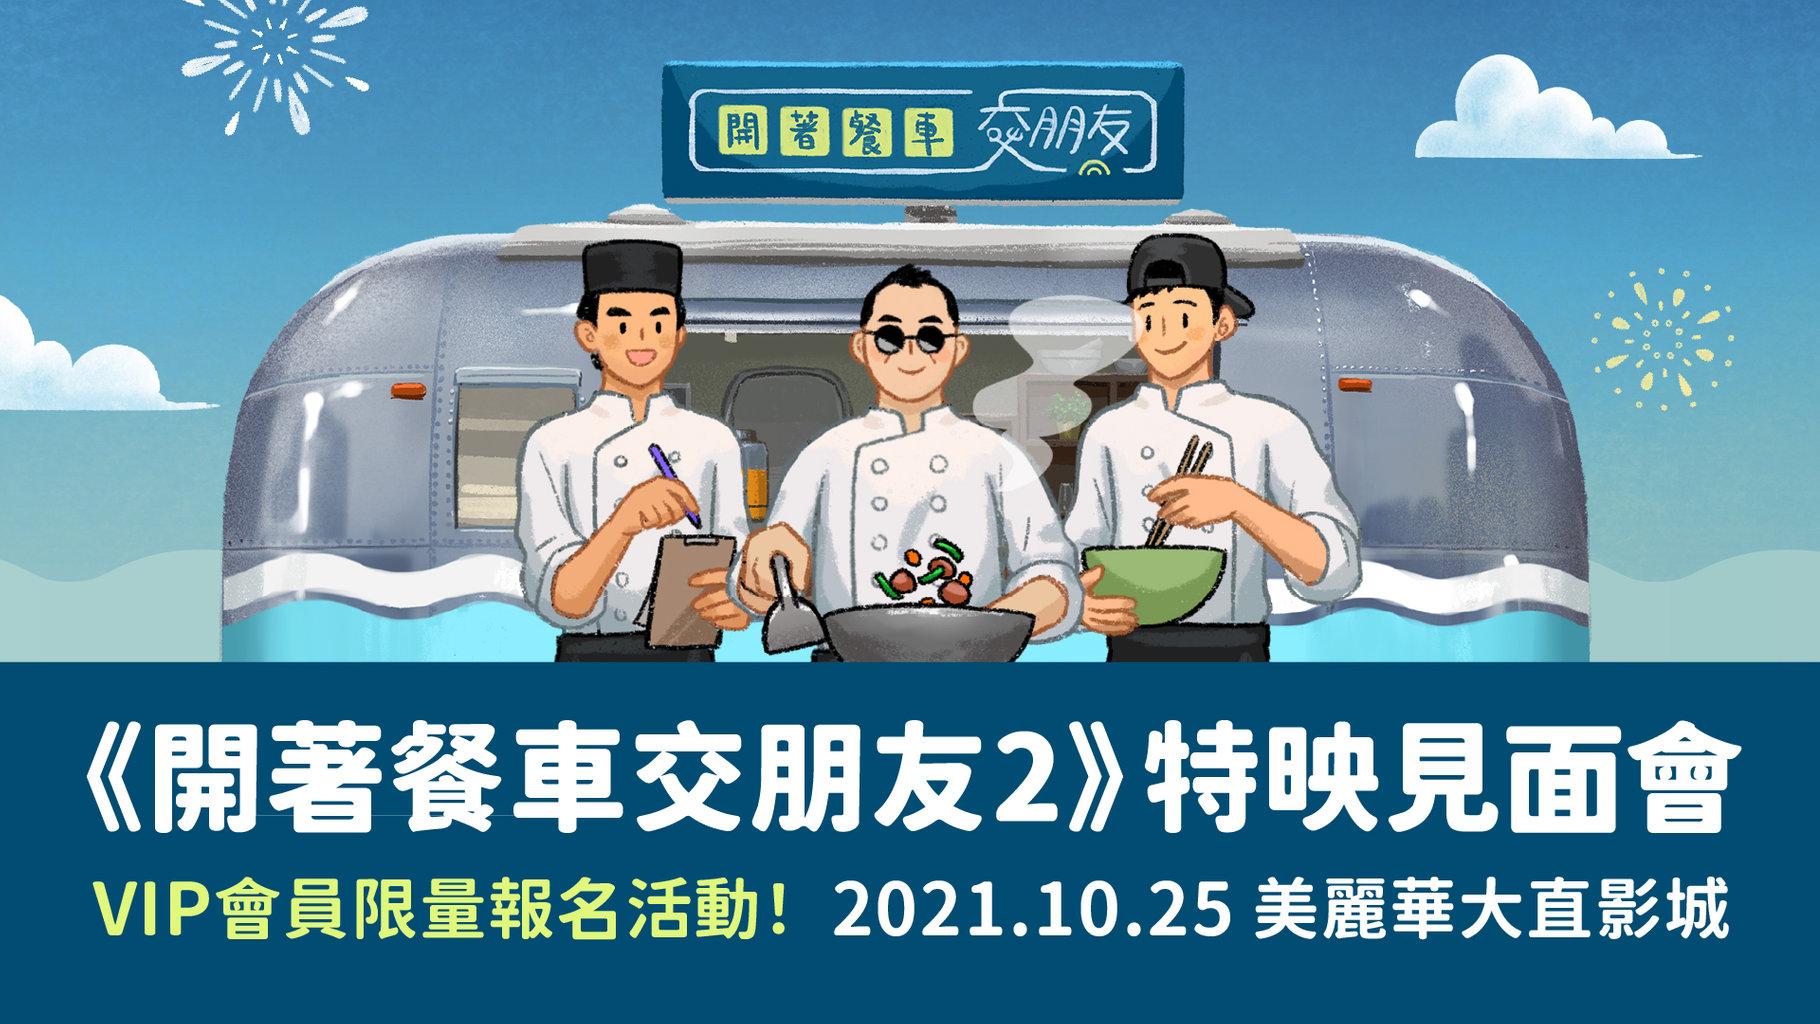 【VIP專屬活動】2021.10.25《開著餐車交朋友2》特映見面會,邀你一起同行!🚚